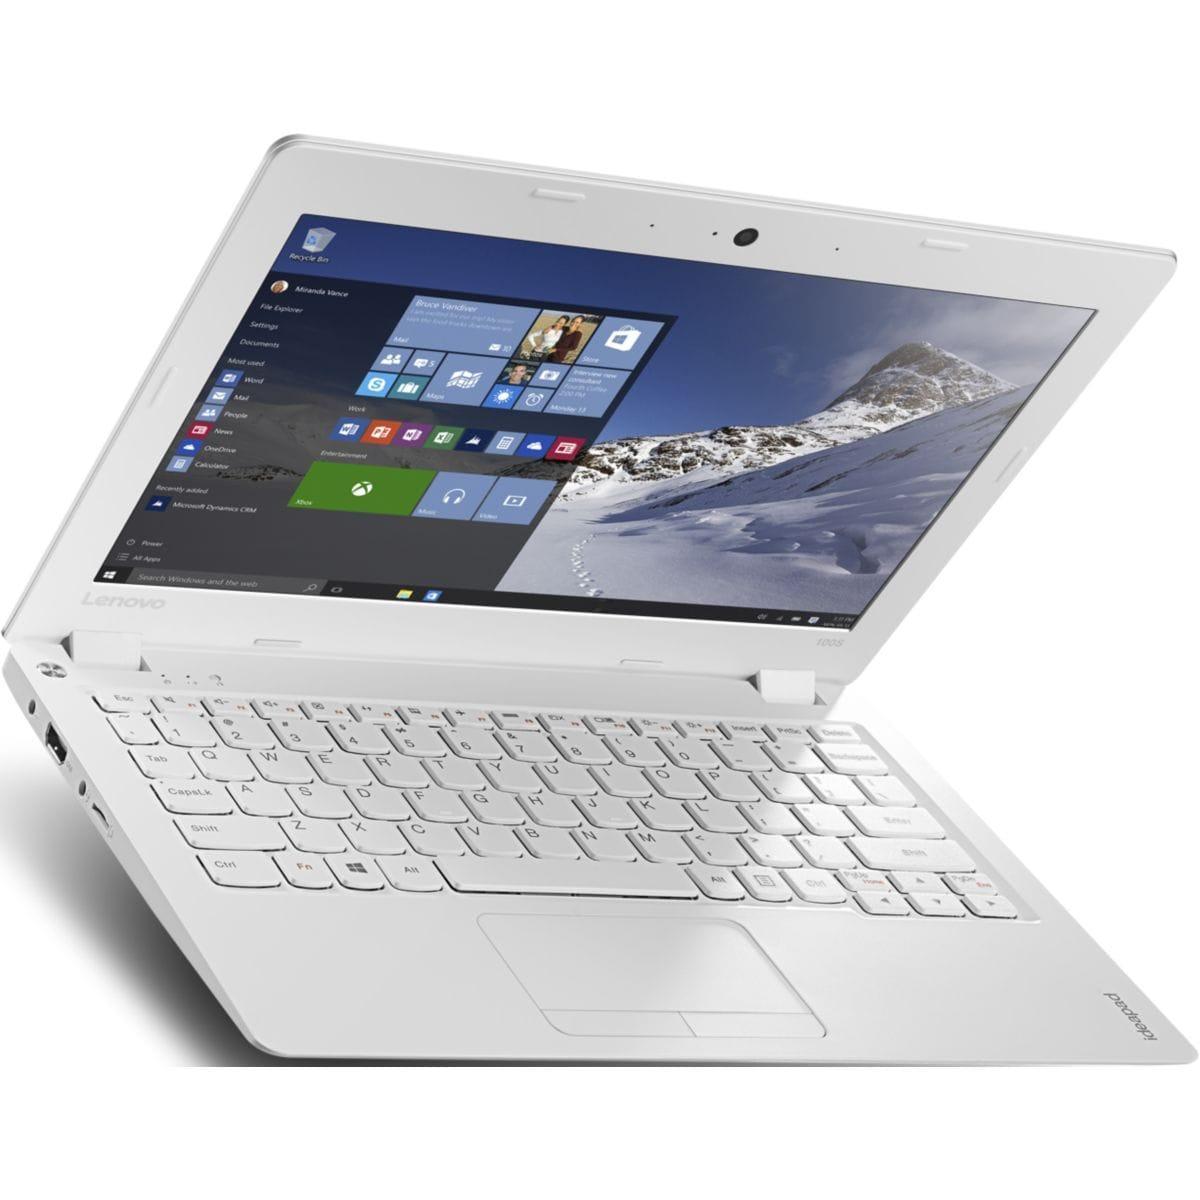 """Lenovo IdeaPad 100S-11IBY 11,6"""" Atom 1,33 GHz  - SSD 32 Go RAM 2 Go"""